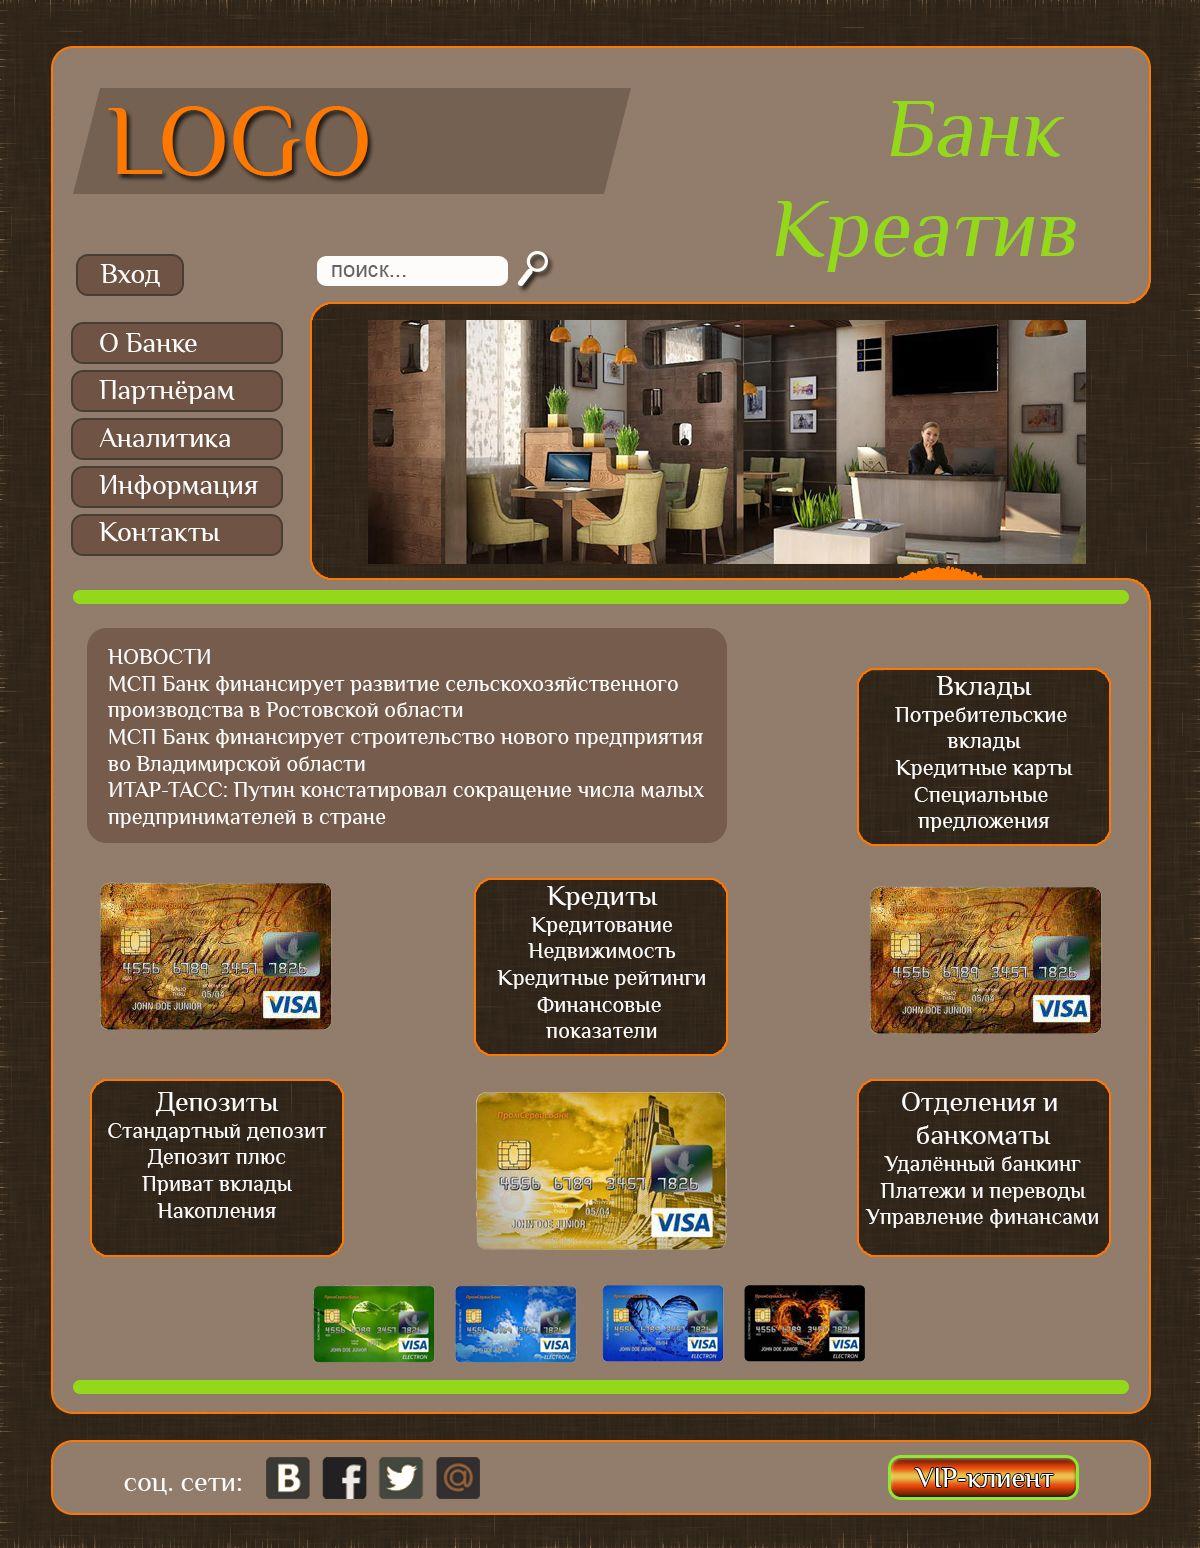 Креативный дизайн Главной страницы Банка - дизайнер art-studia